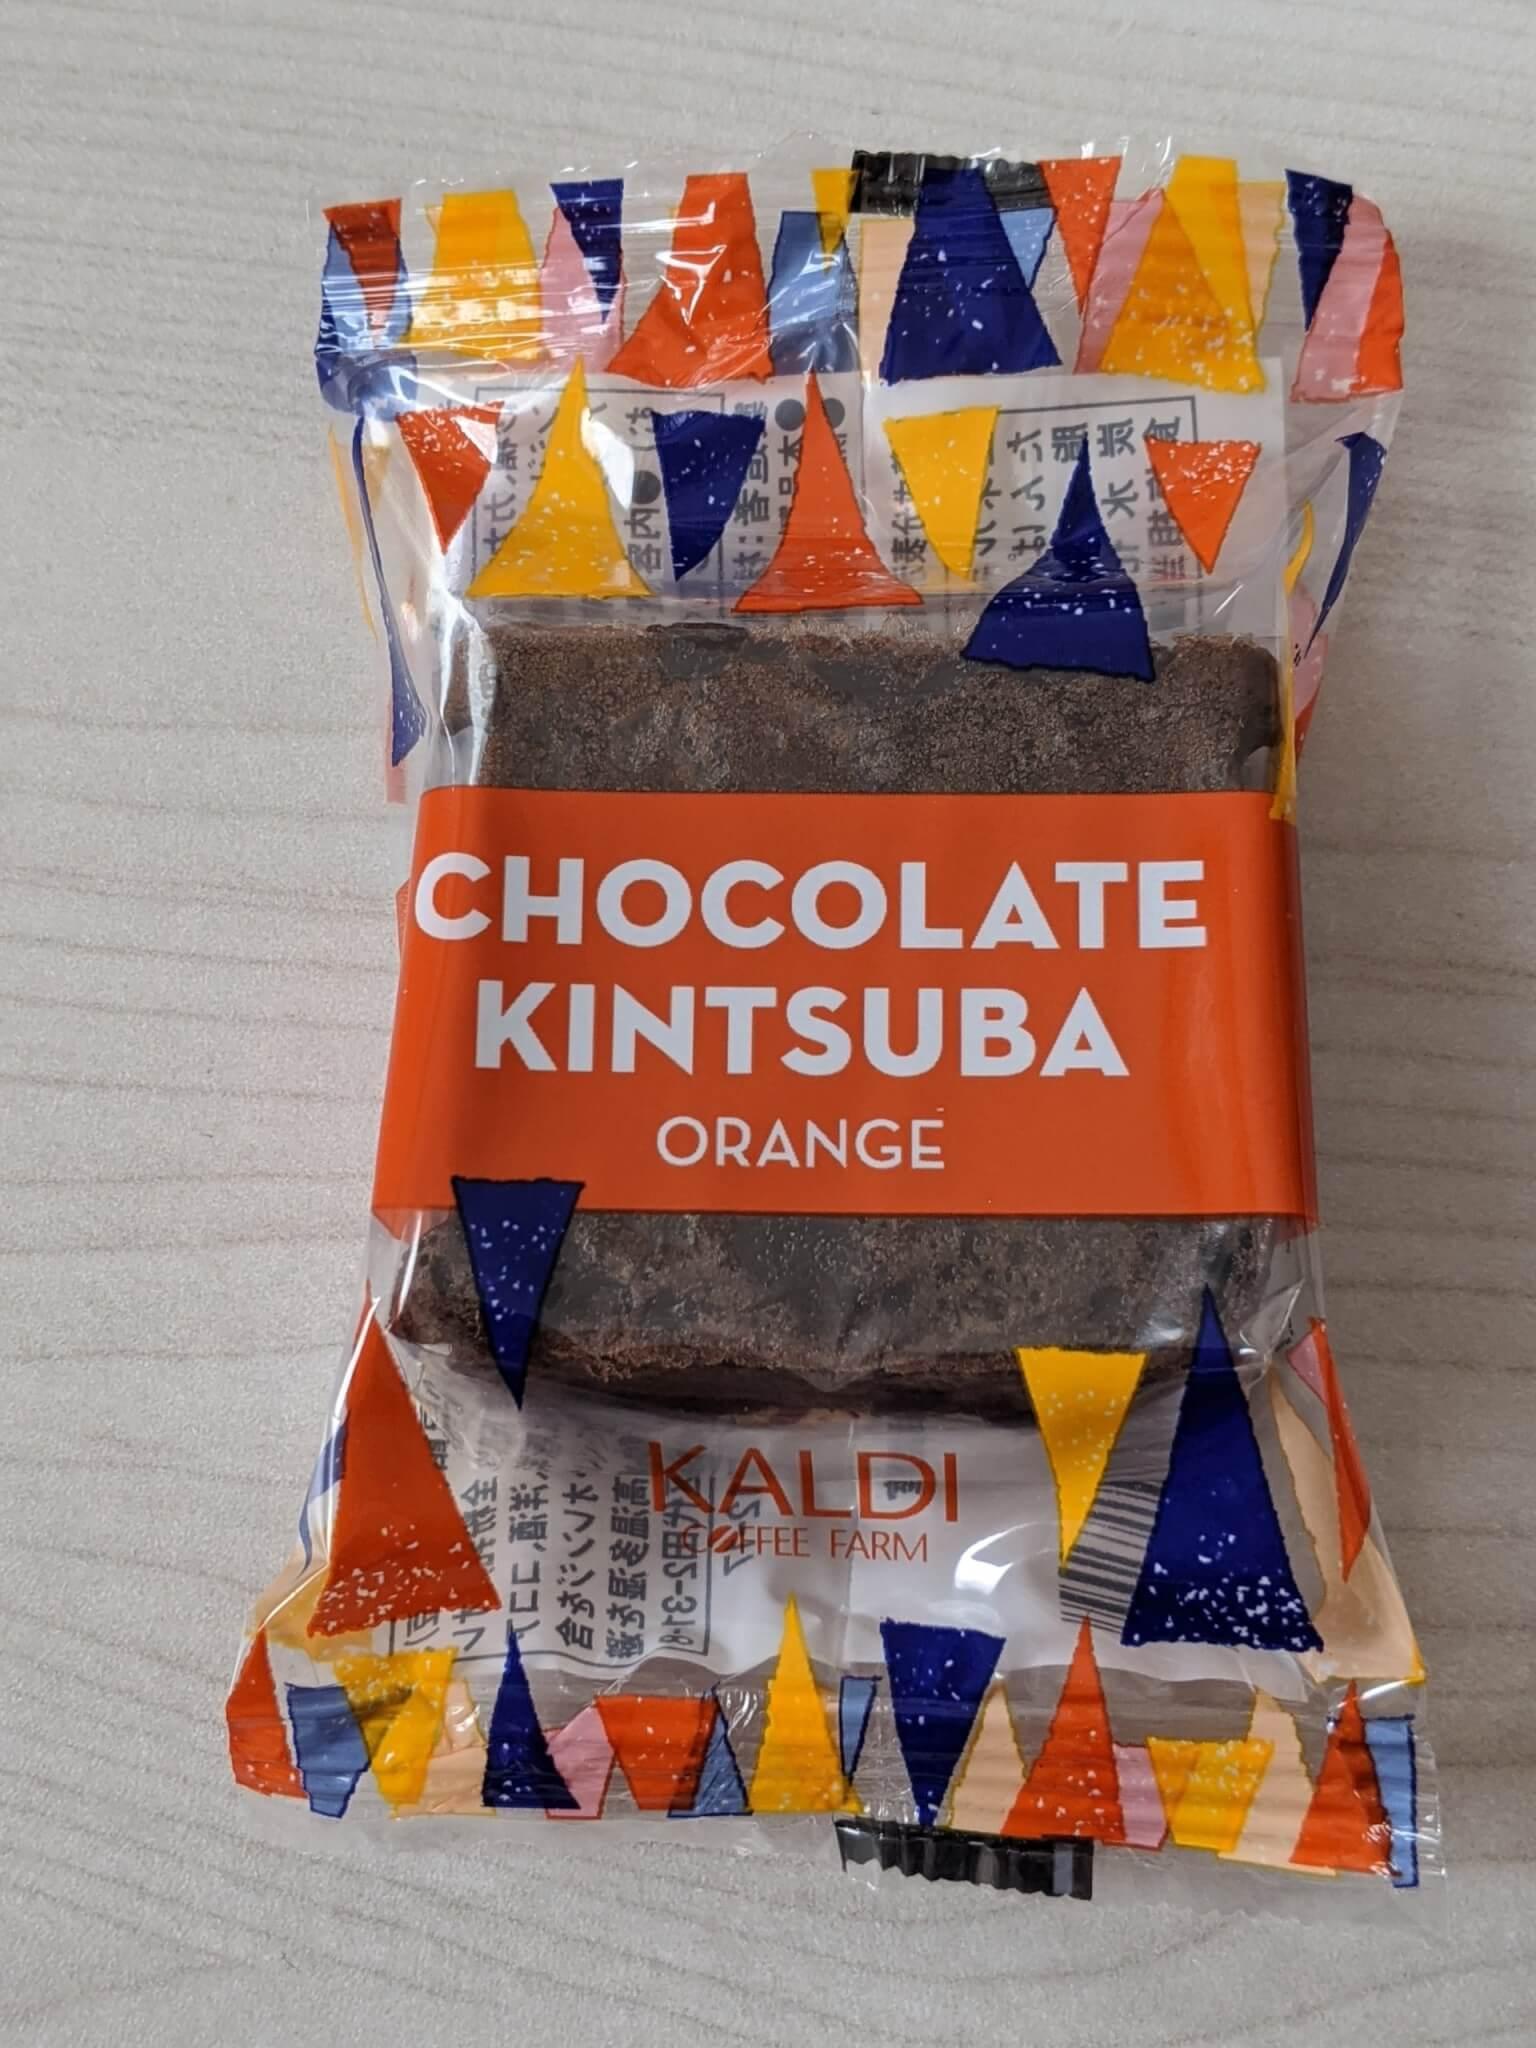 カルディ チョコレートきんつばオレンジ